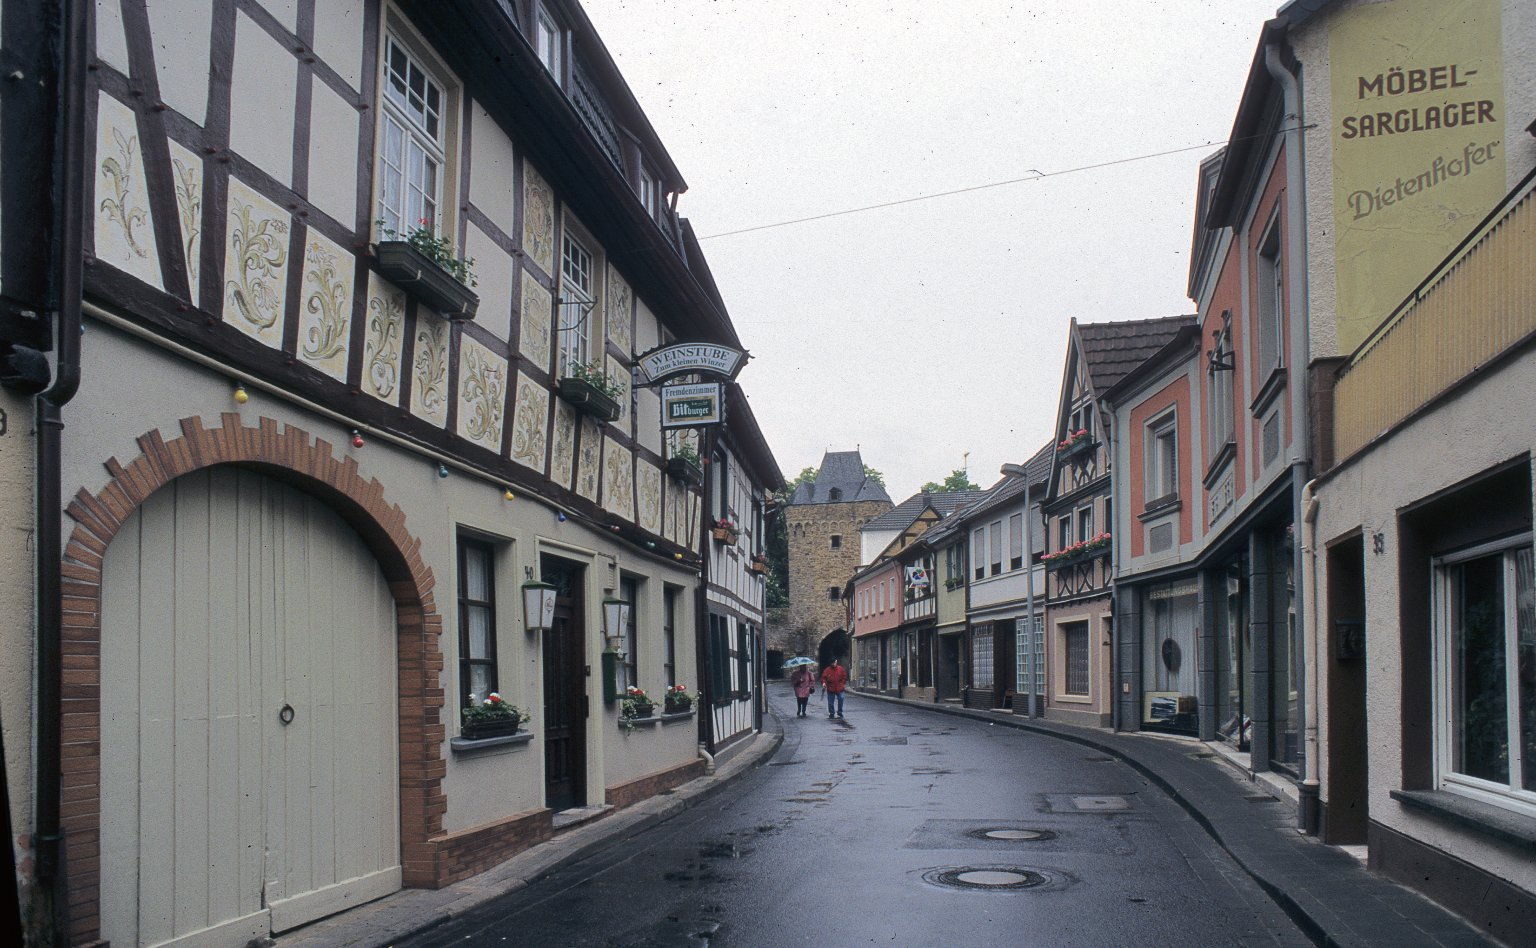 Bad Neuenahr-Ahrweiler, Germany